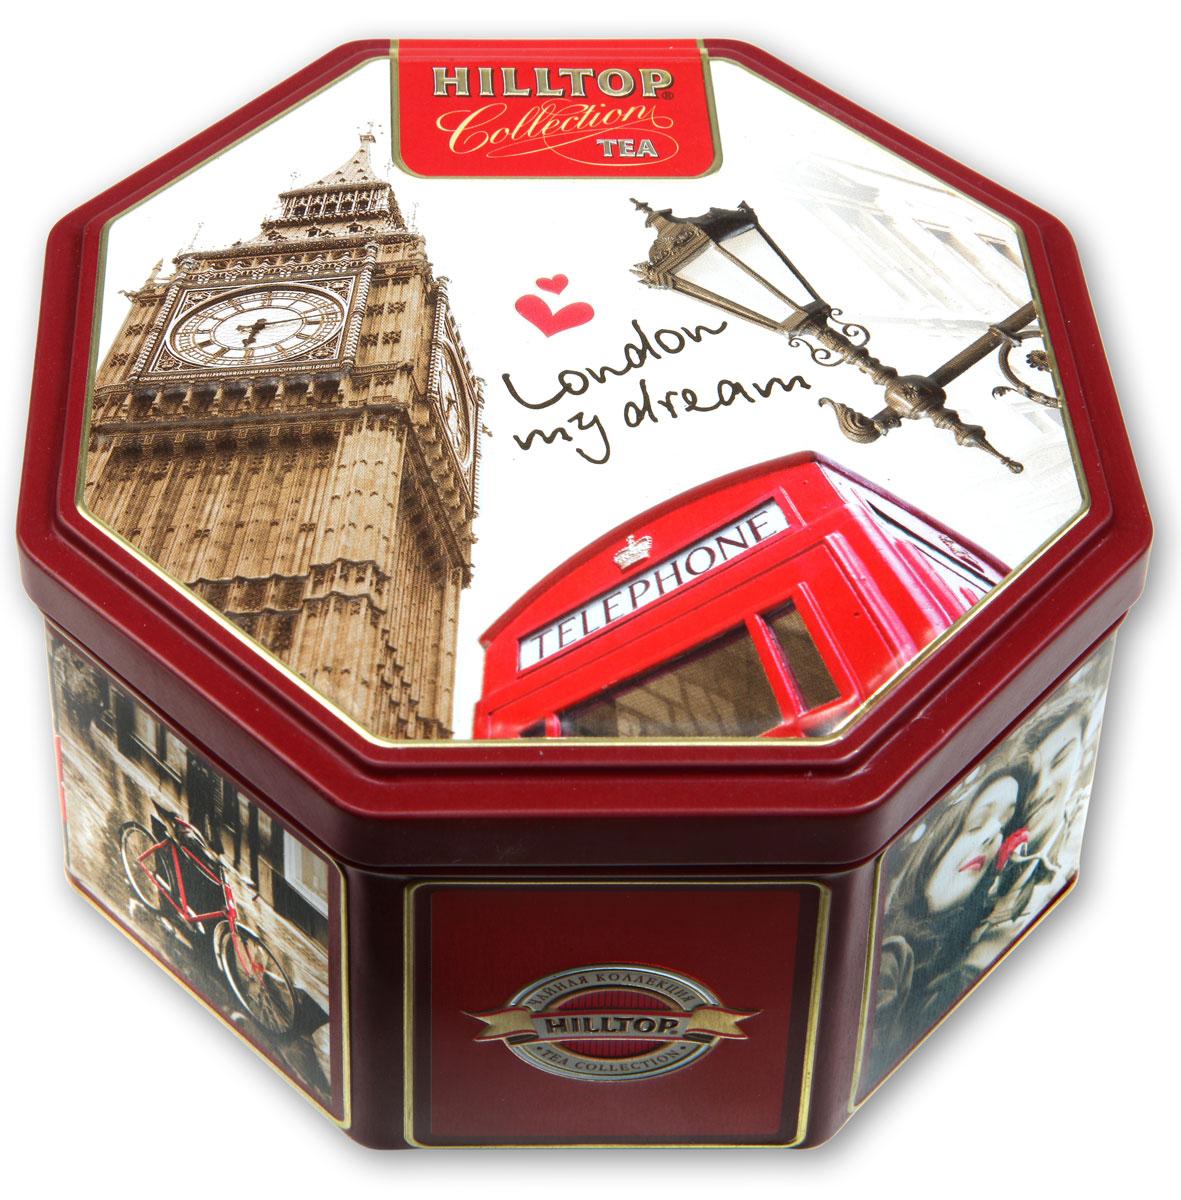 Hilltop Прогулки по Лондону черный листовой чай, 150 г чай листовой teekanne legend 1882 черный 150 г